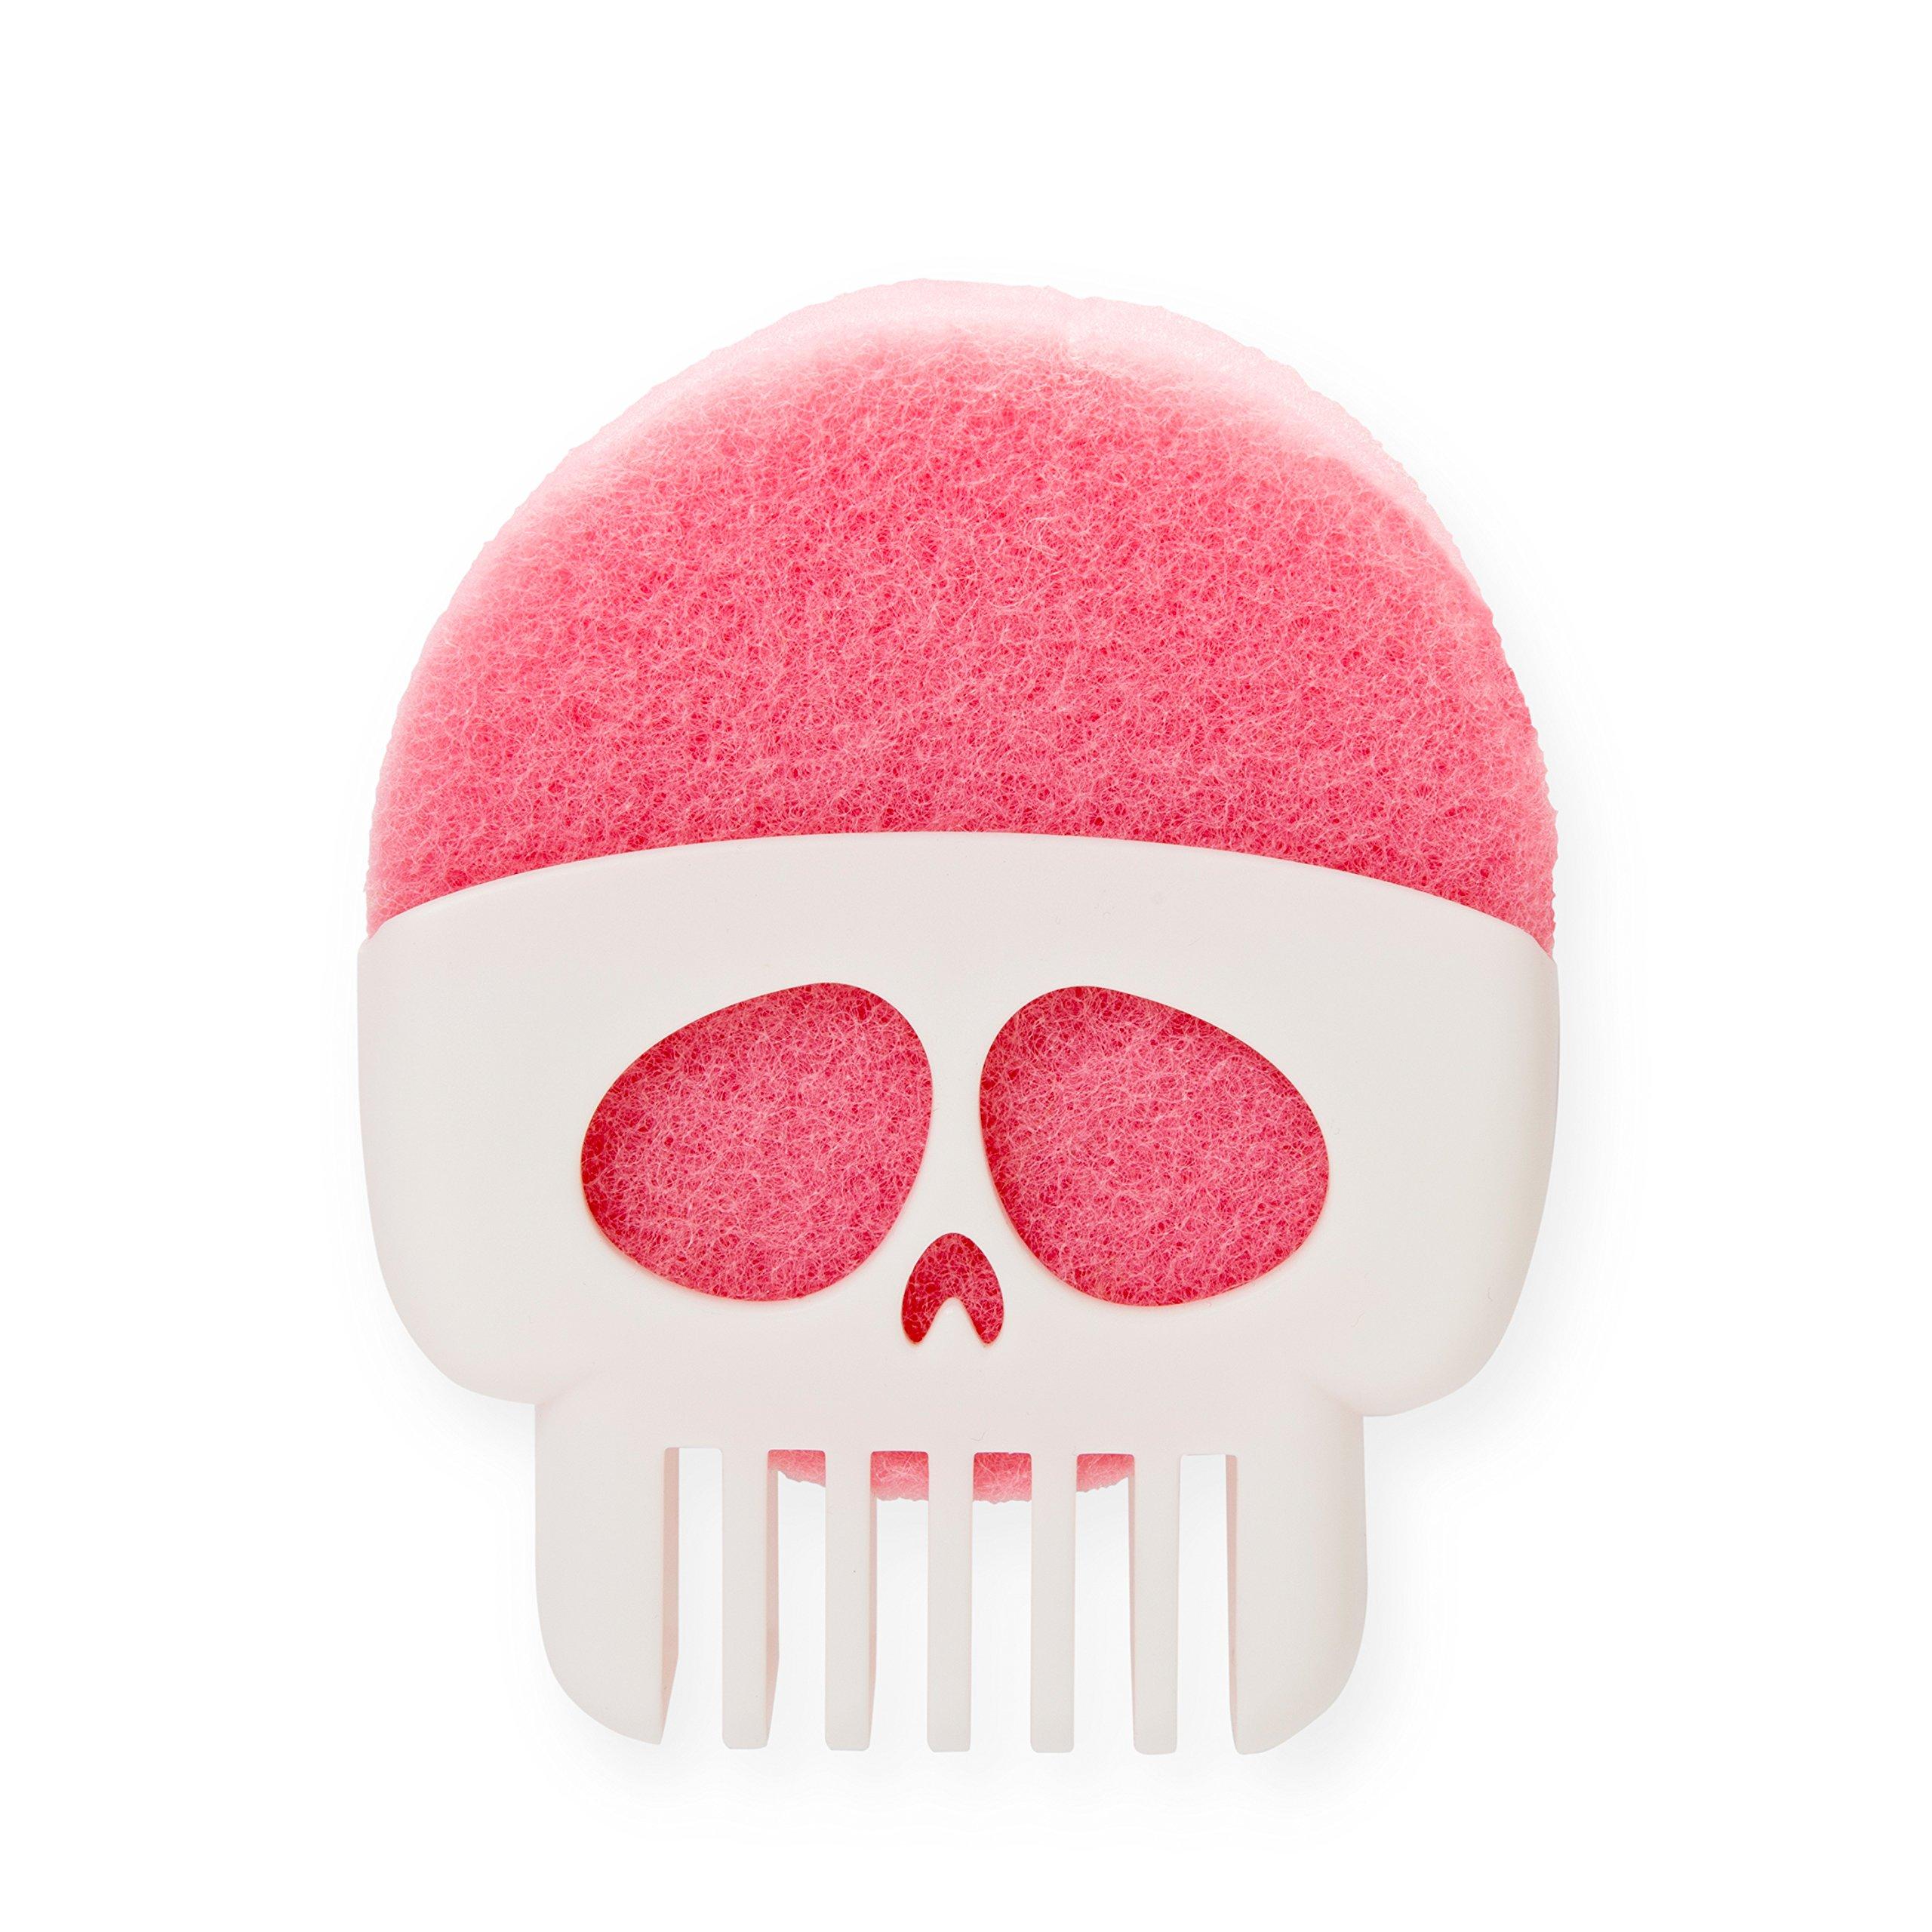 Peleg Design Brain Drain White Skull Sponge Holder for Kitchen, Bath, or Sink, Drains and Dries All Types of Sponges, 1 Sponge Included